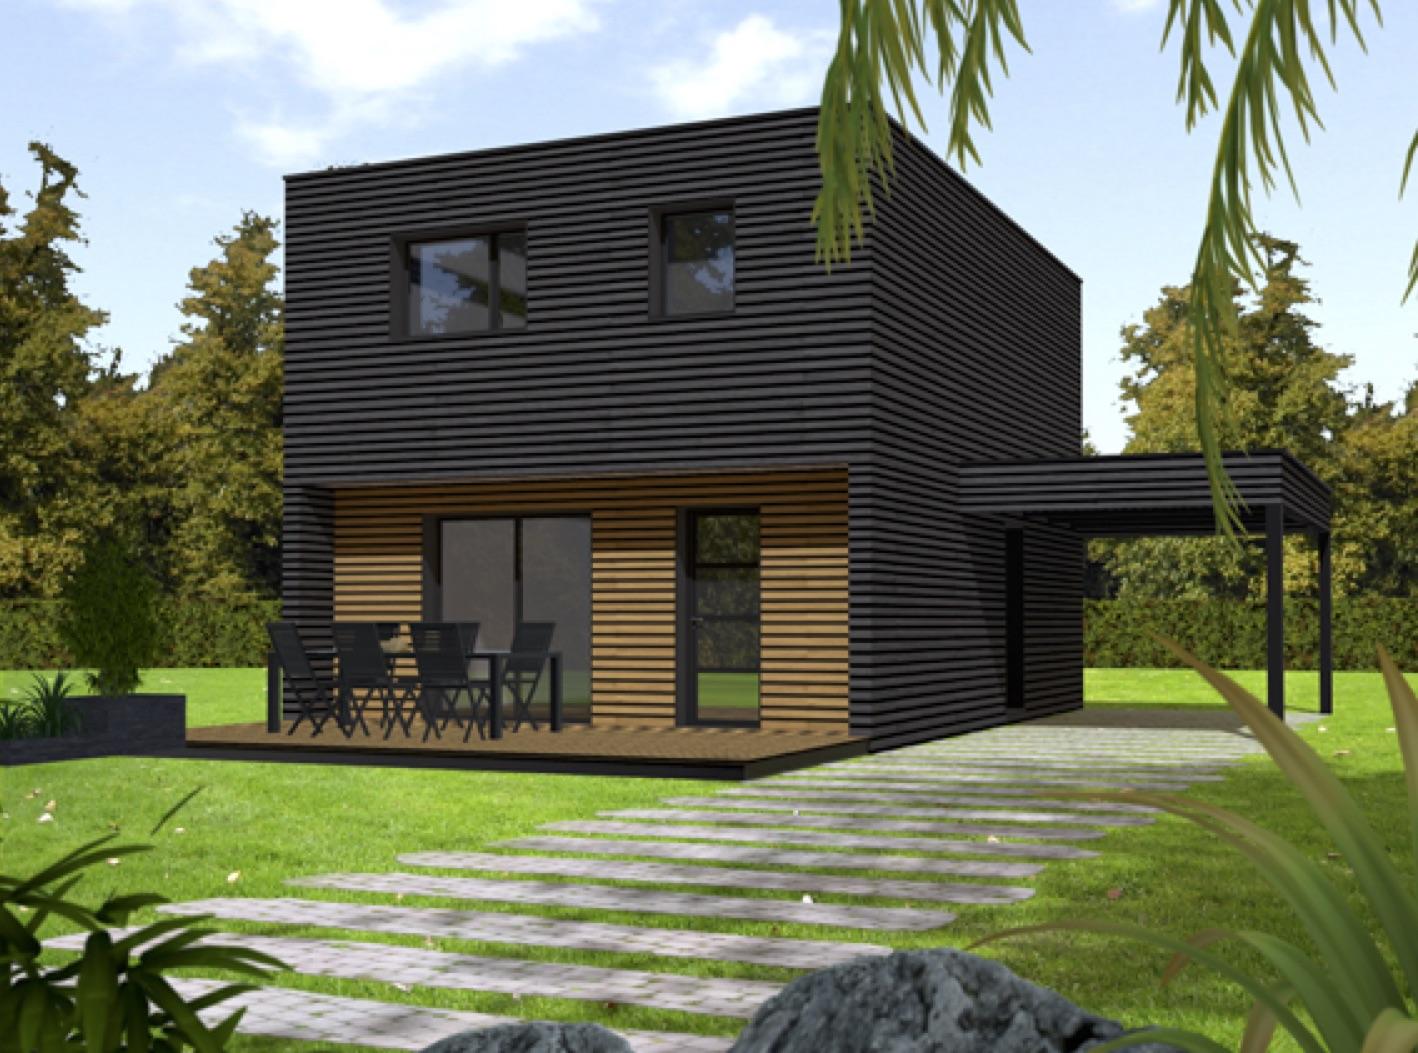 Maison ossature bois CCMI